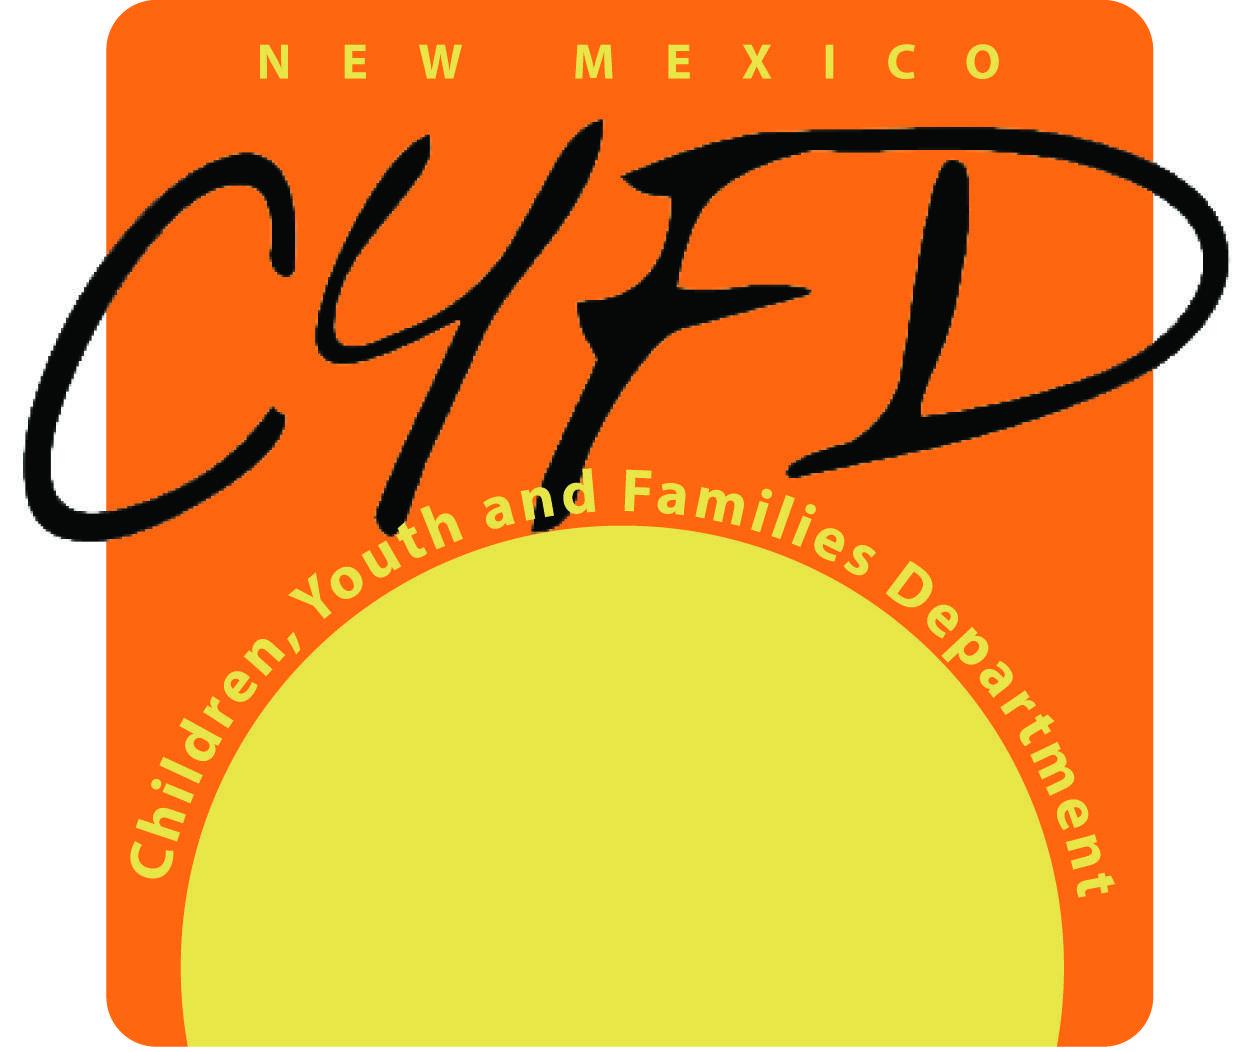 Valencia County CYFD Los Lunas, NM Social Services Office